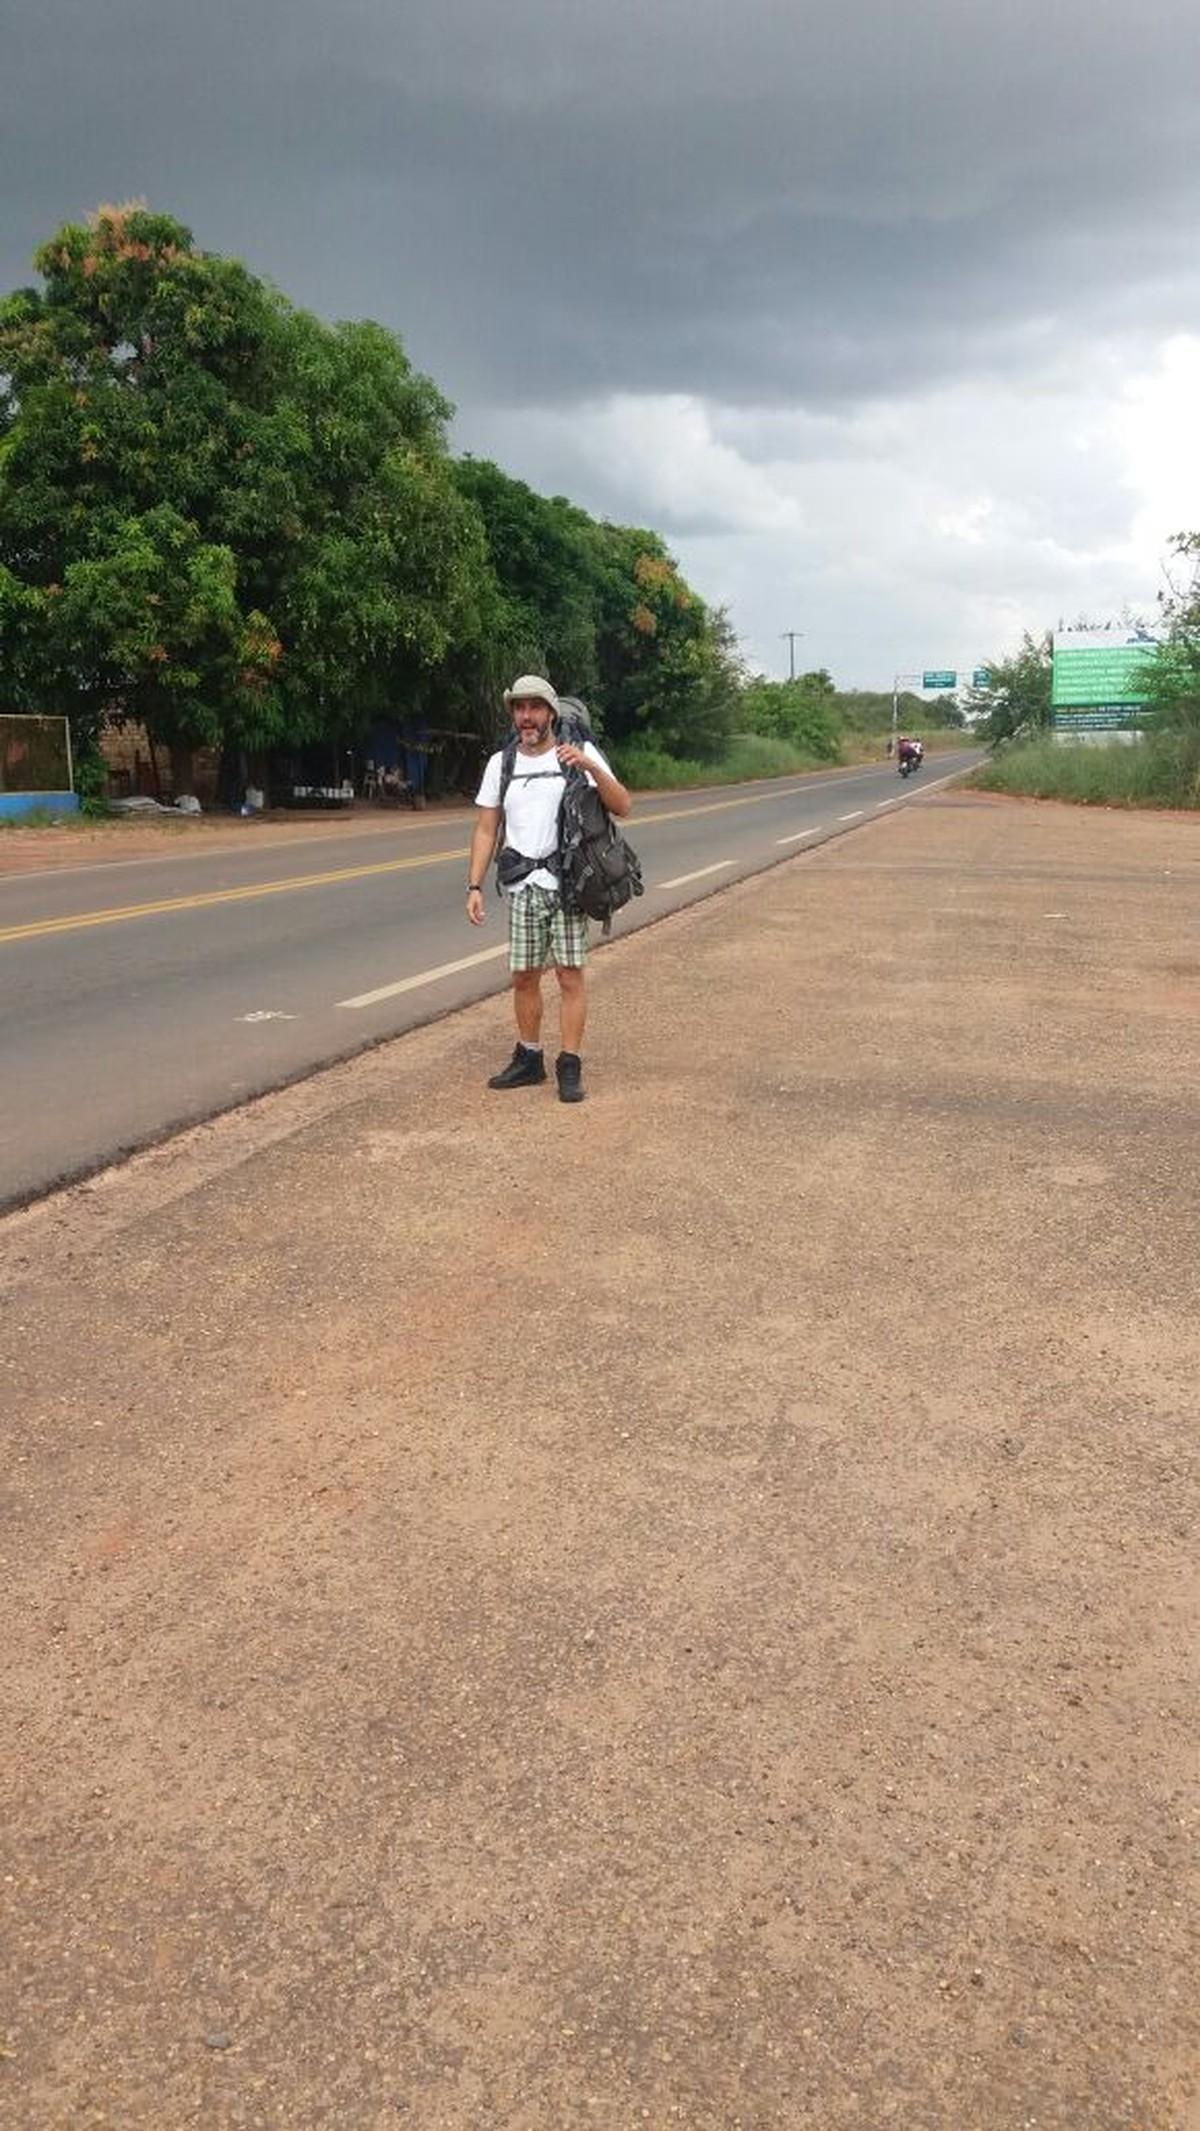 Professor que viaja o Brasil de carona chega a Roraima: 'parece outro país'